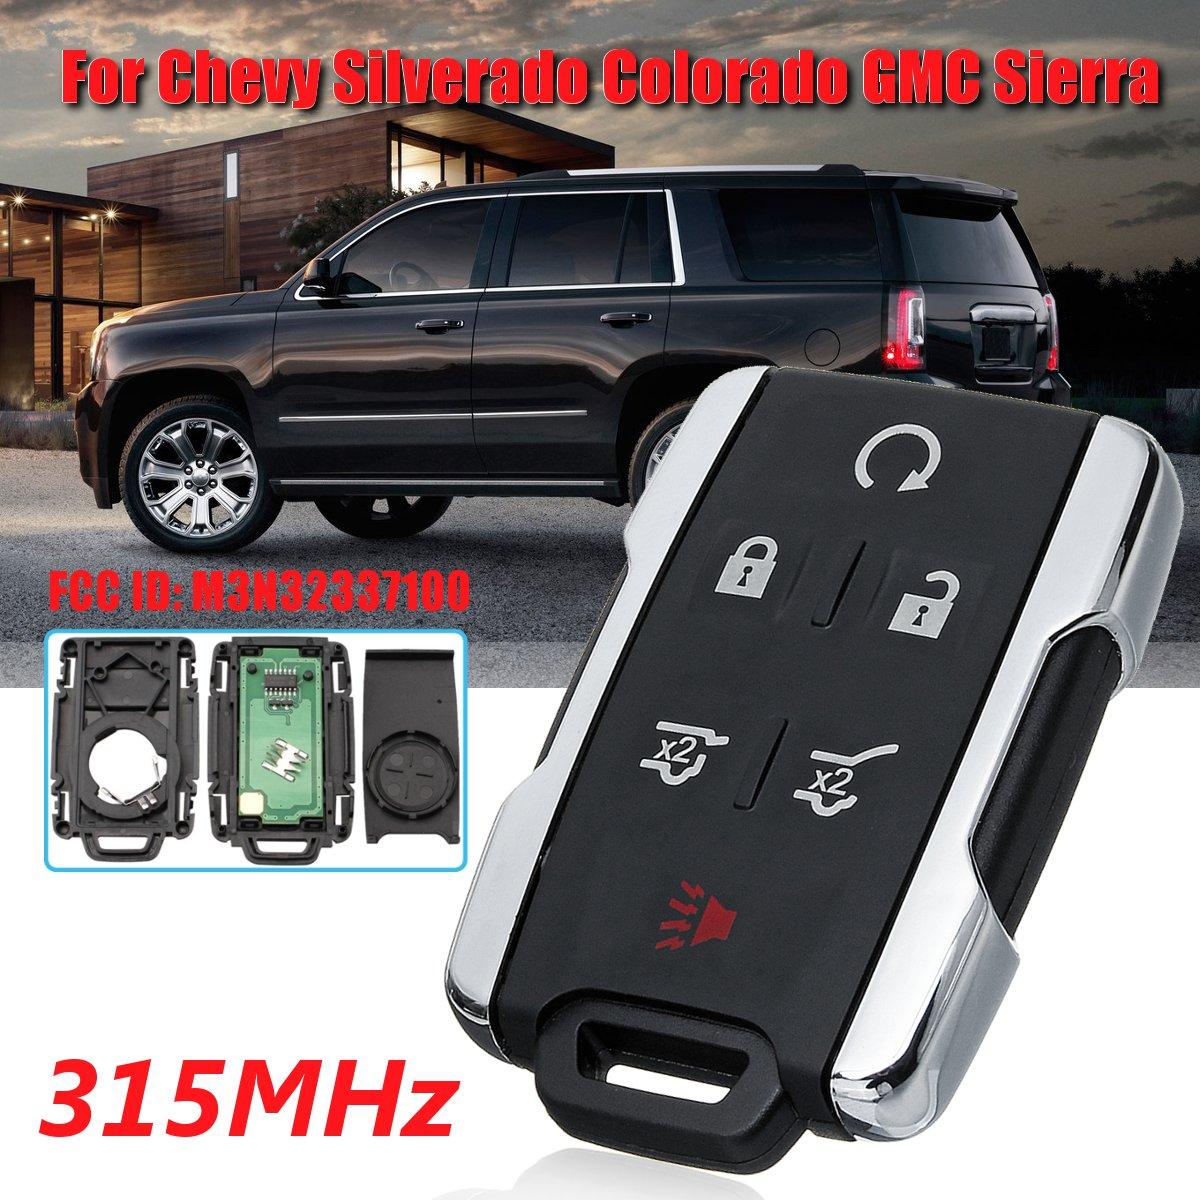 M3N-32337100 6-btn GMC Yukon 2014 2015 2016 2017 Chrome Key Fob Keyless Entry Remote Shell Case /& Pad fits Chevy Tahoe Suburban